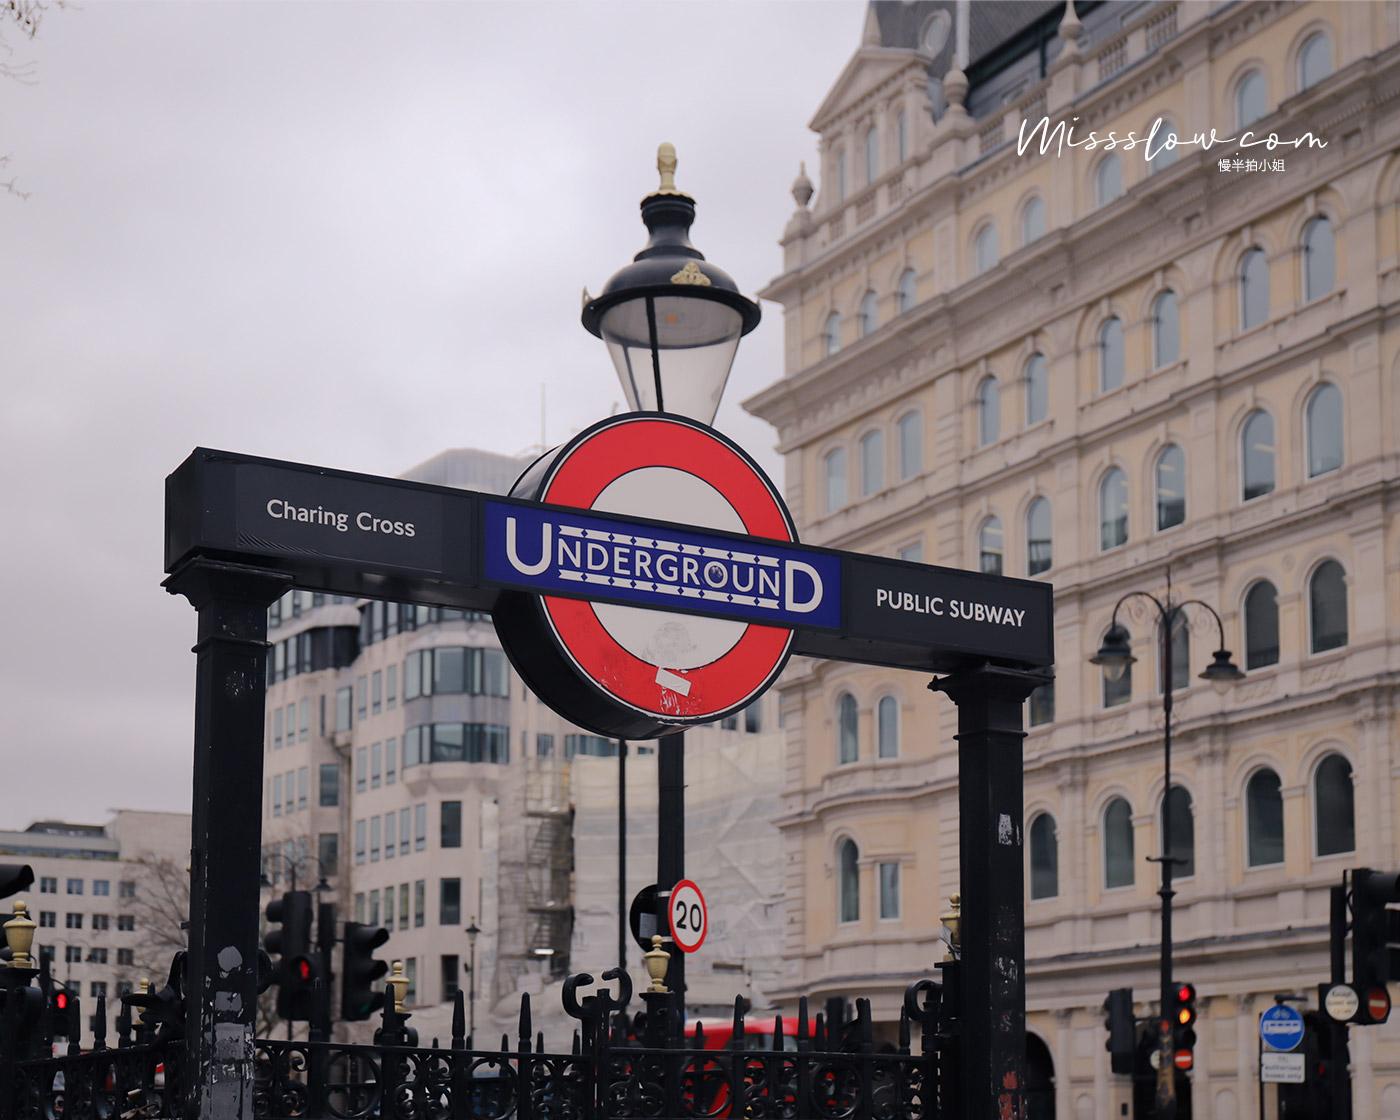 離特拉法加廣場最近的地鐵站:Charing Cross Station